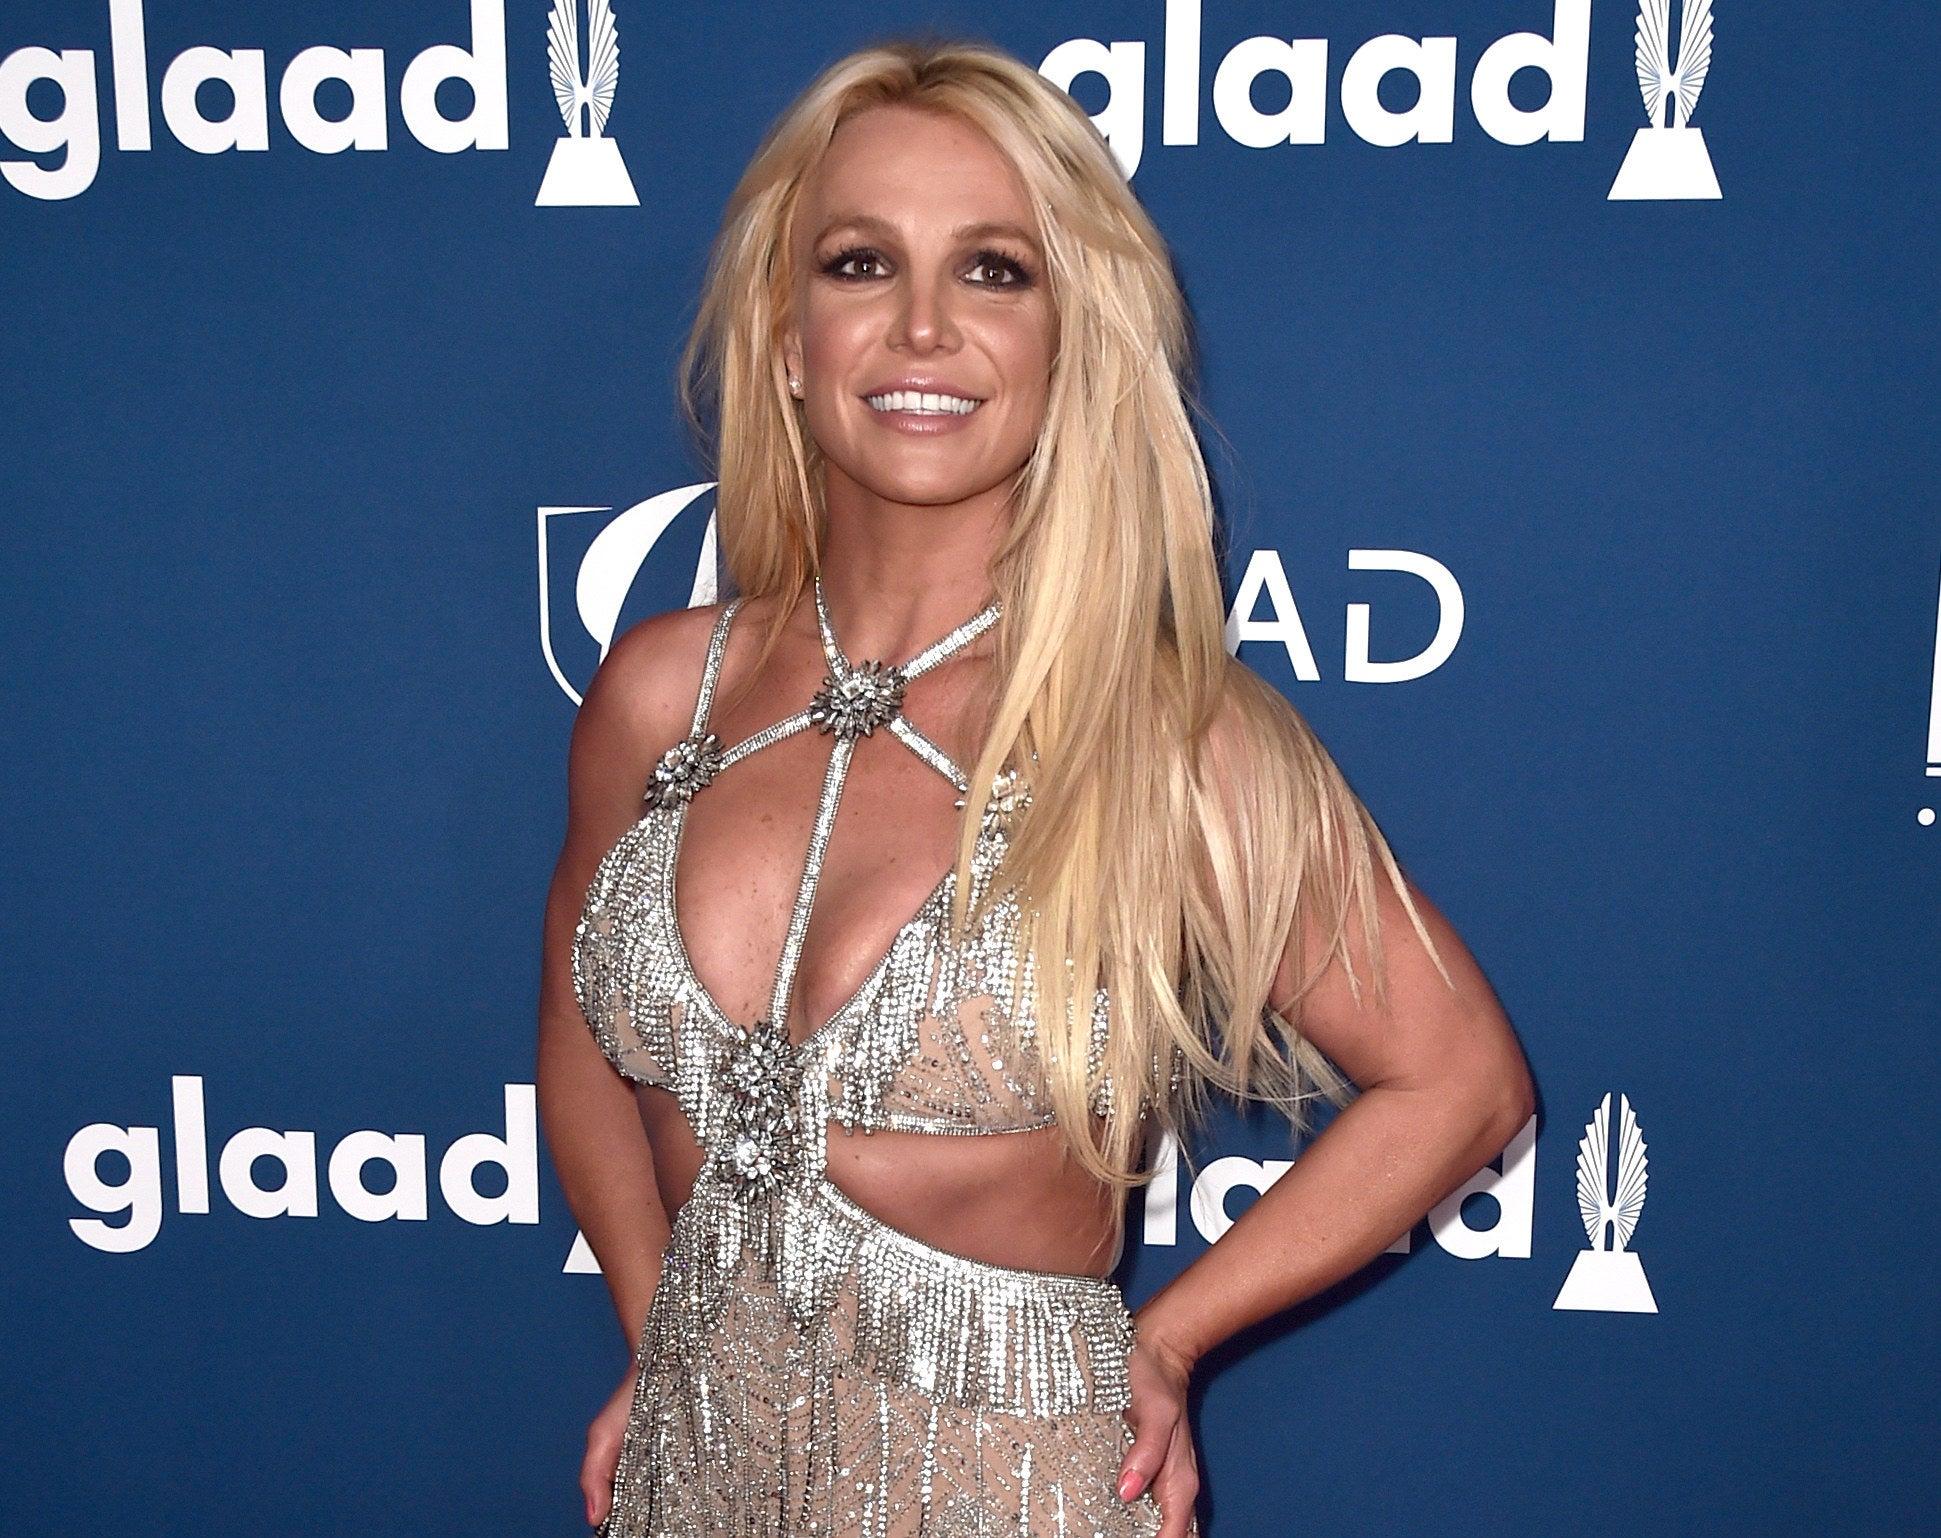 Britney wears a shimmering diamond encrusted dress